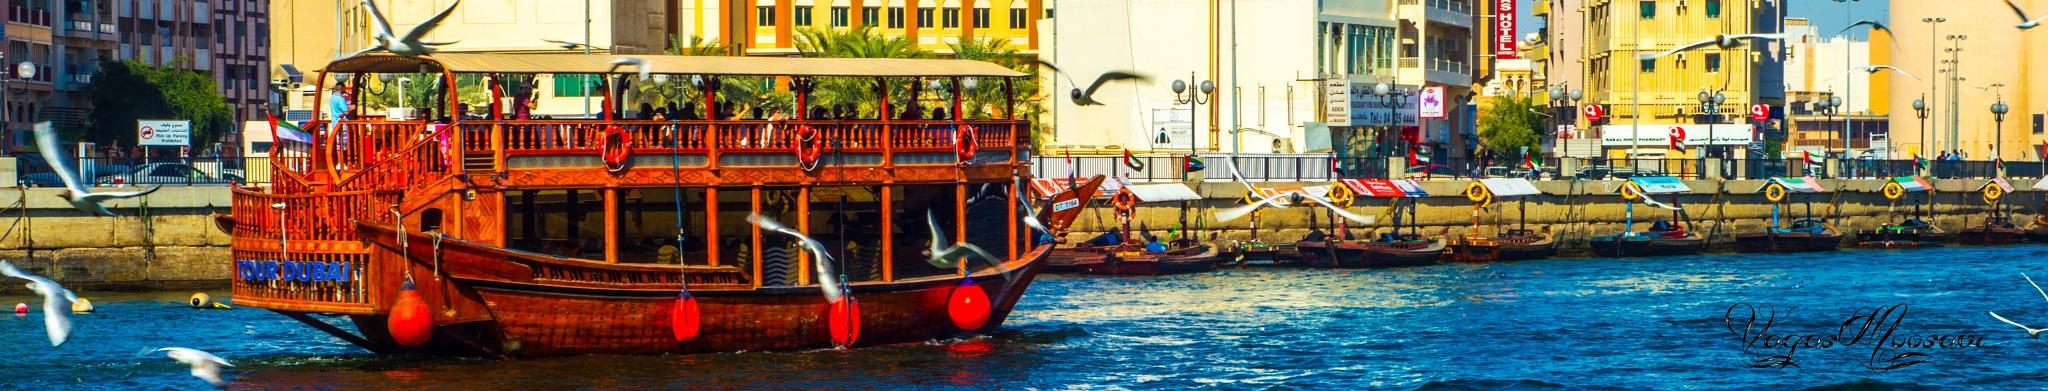 Dubai Abra by Waqas Moosavi